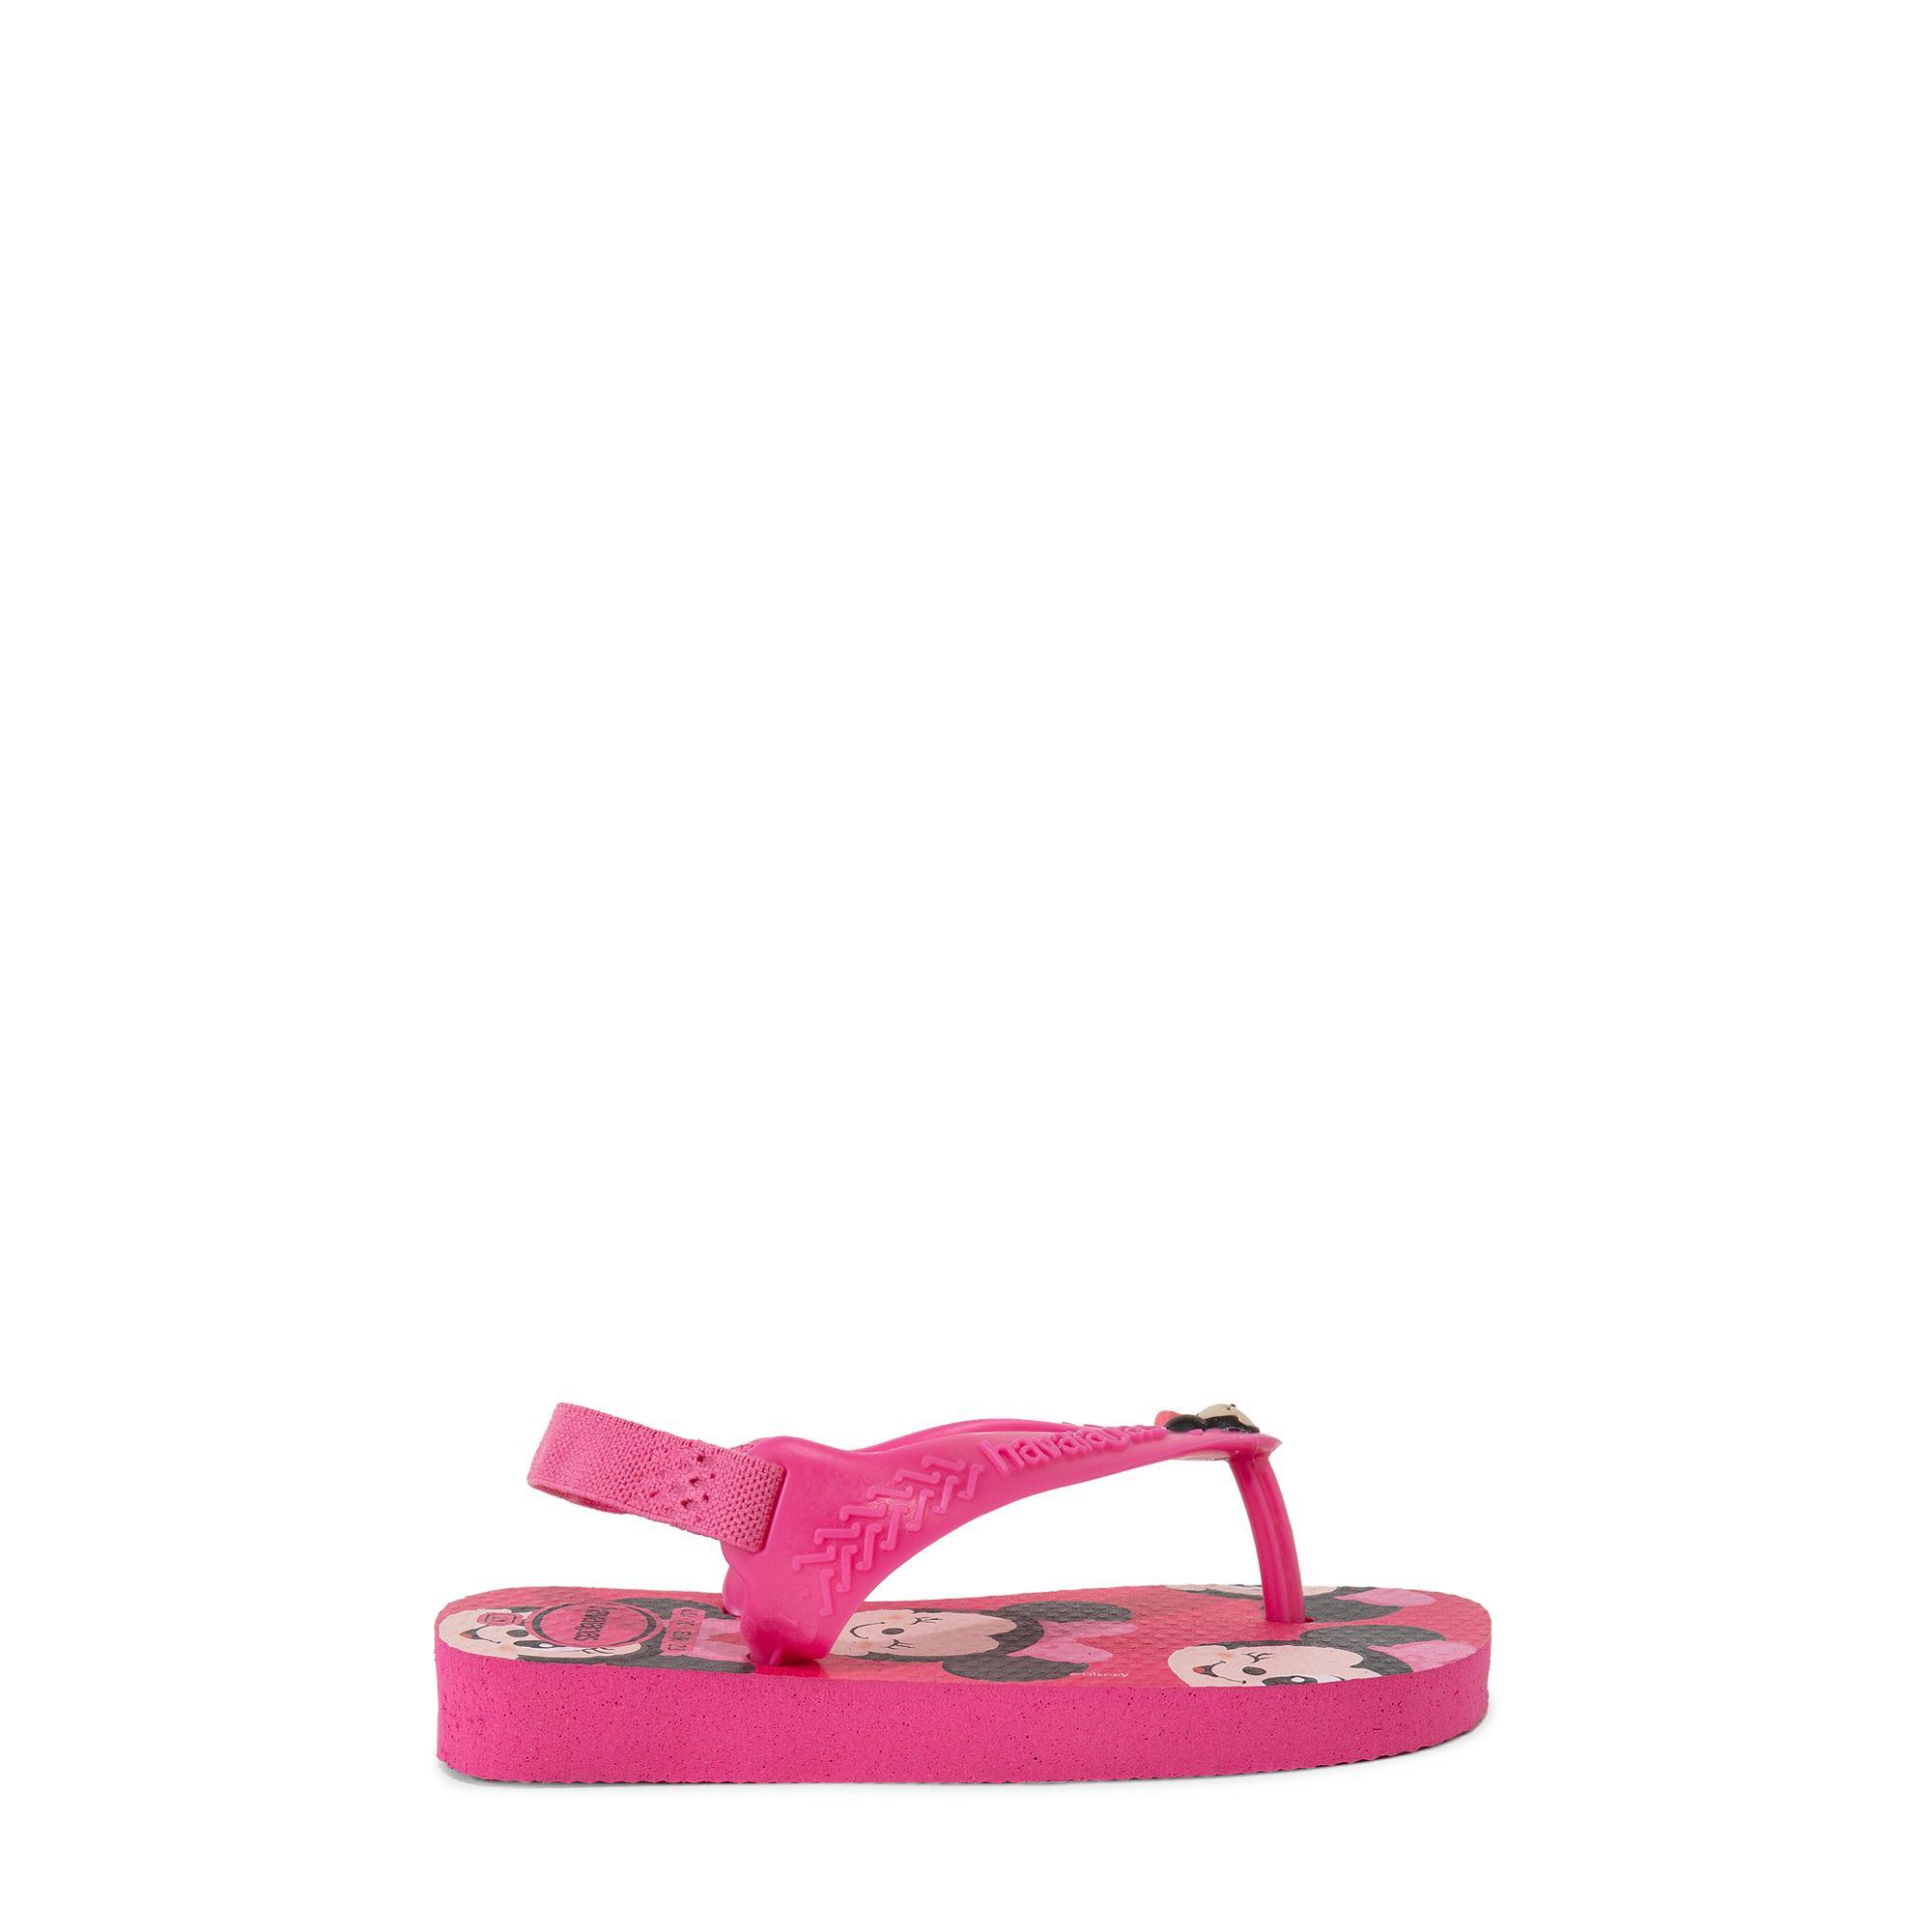 Disney Classics flip flops